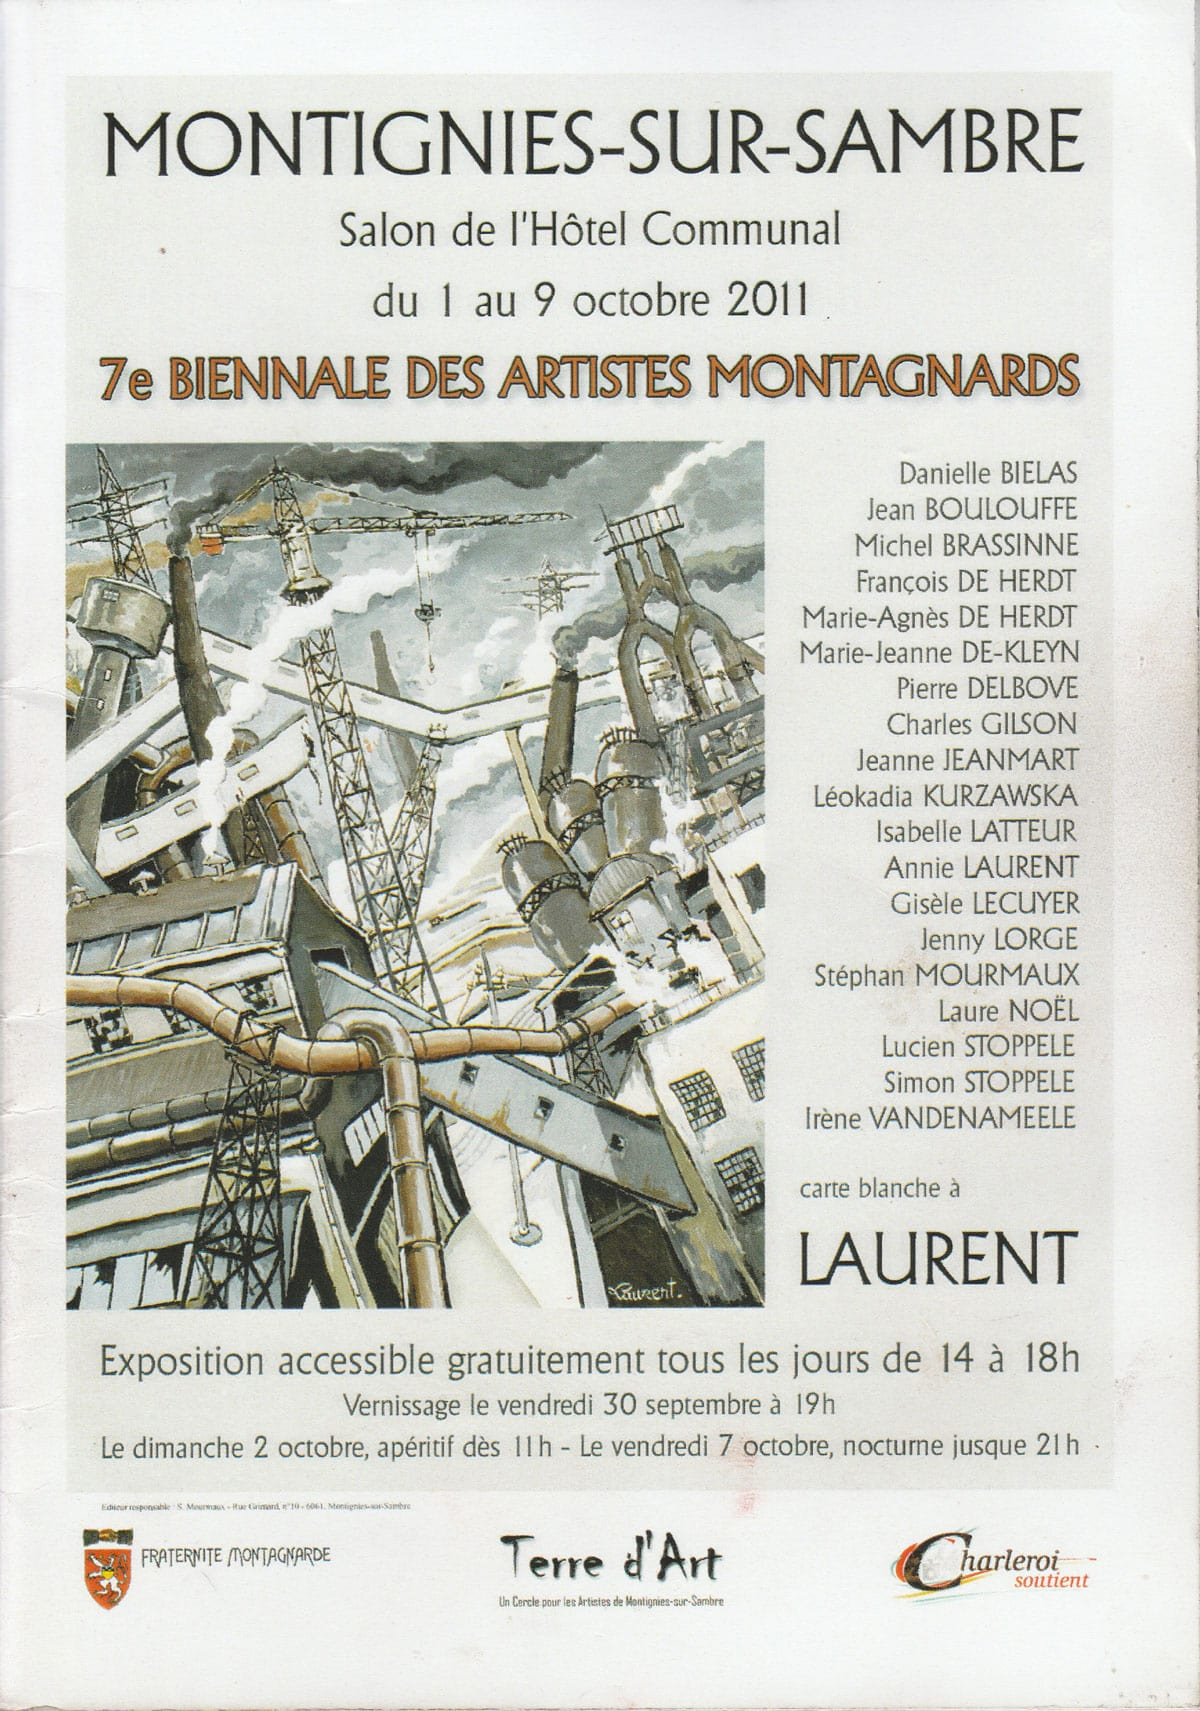 7ème Biennale des Artistes Montagnards